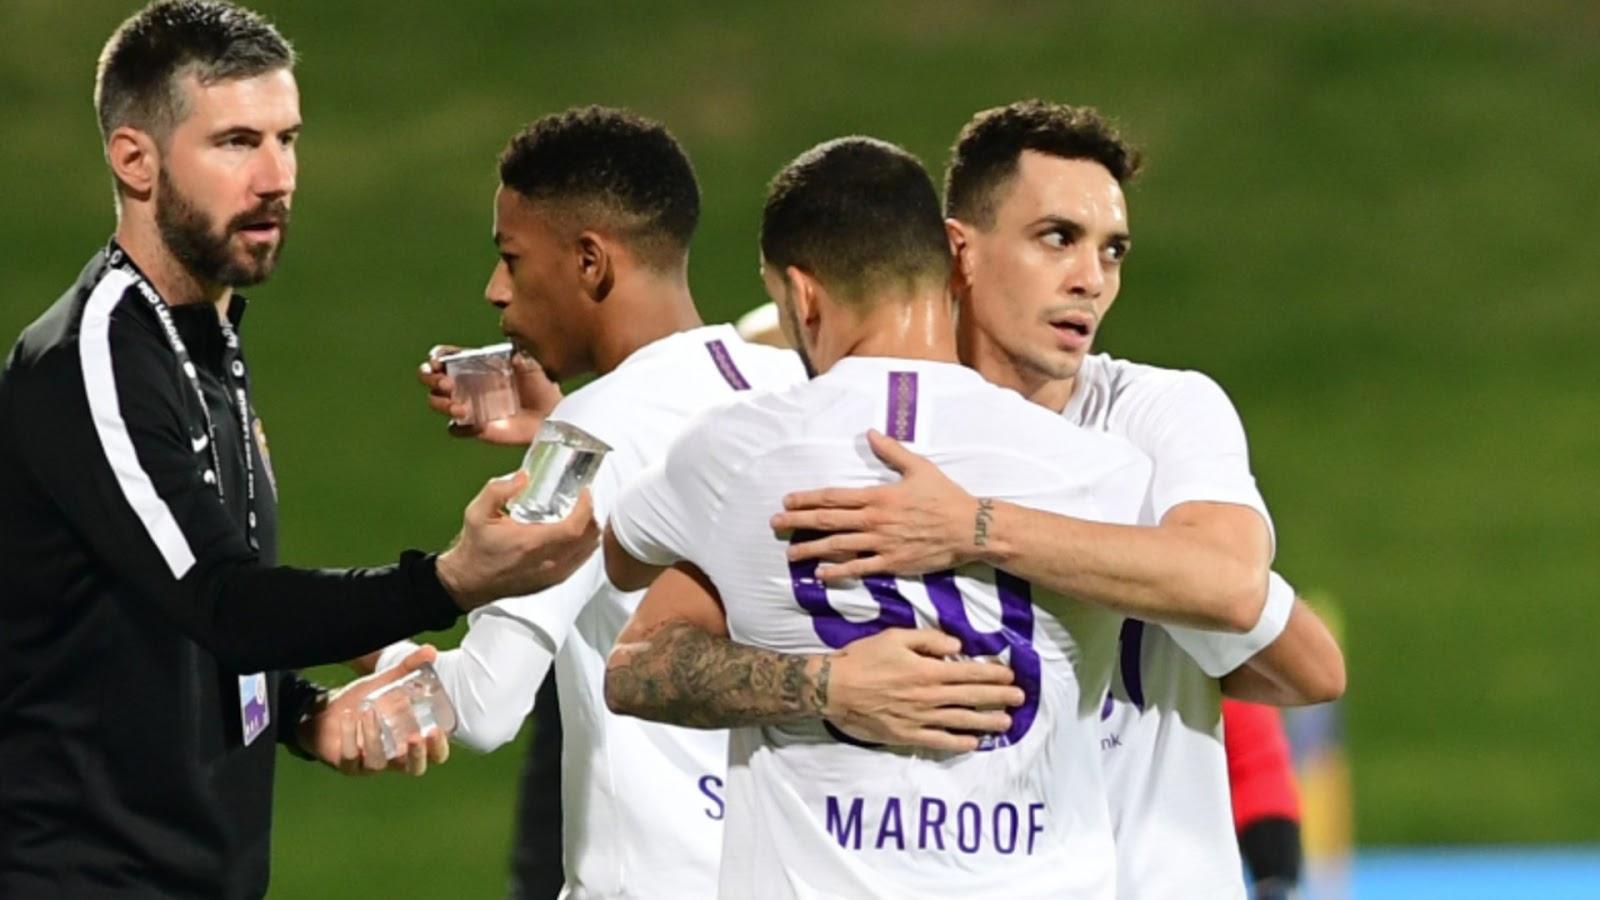 نتيجة مباراة العين وبونيودكور بتاريخ 28-01-2020 دوري أبطال آسيا